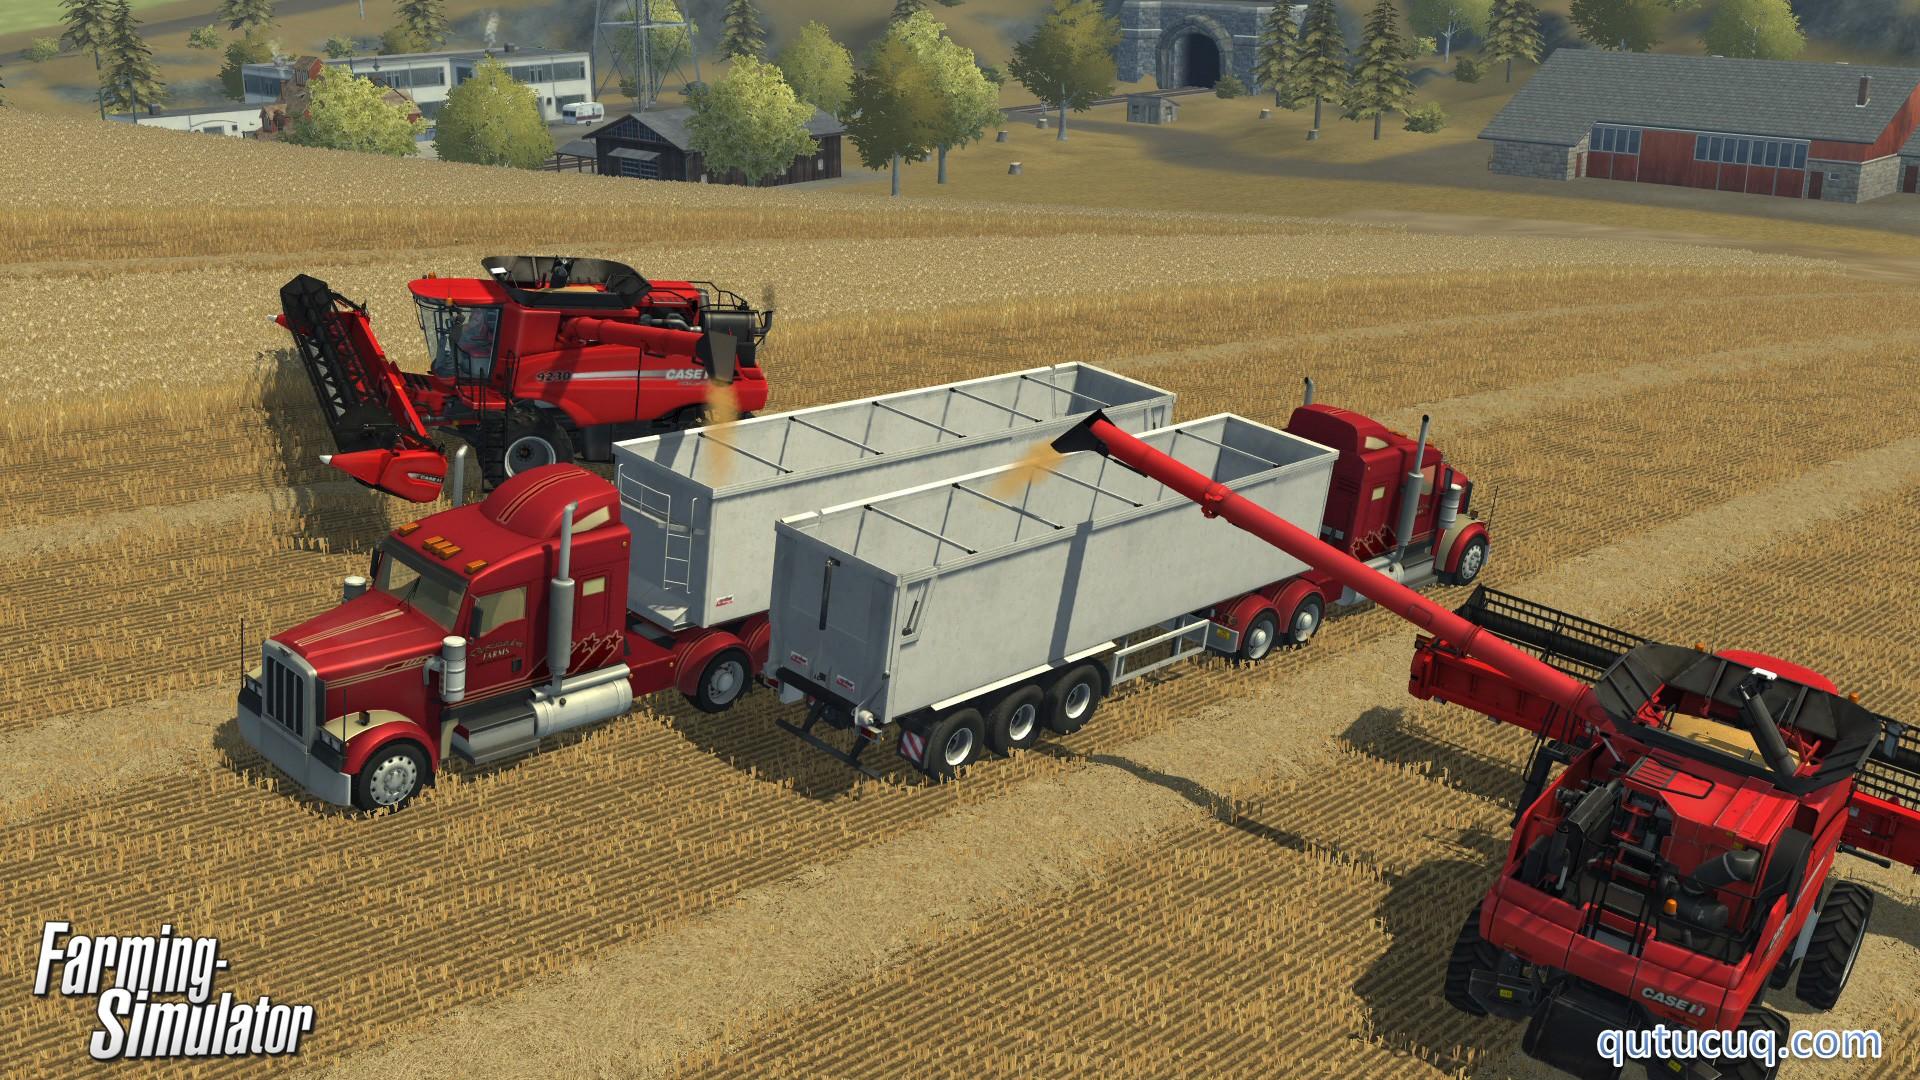 Farming Simulator ekran görüntüsü